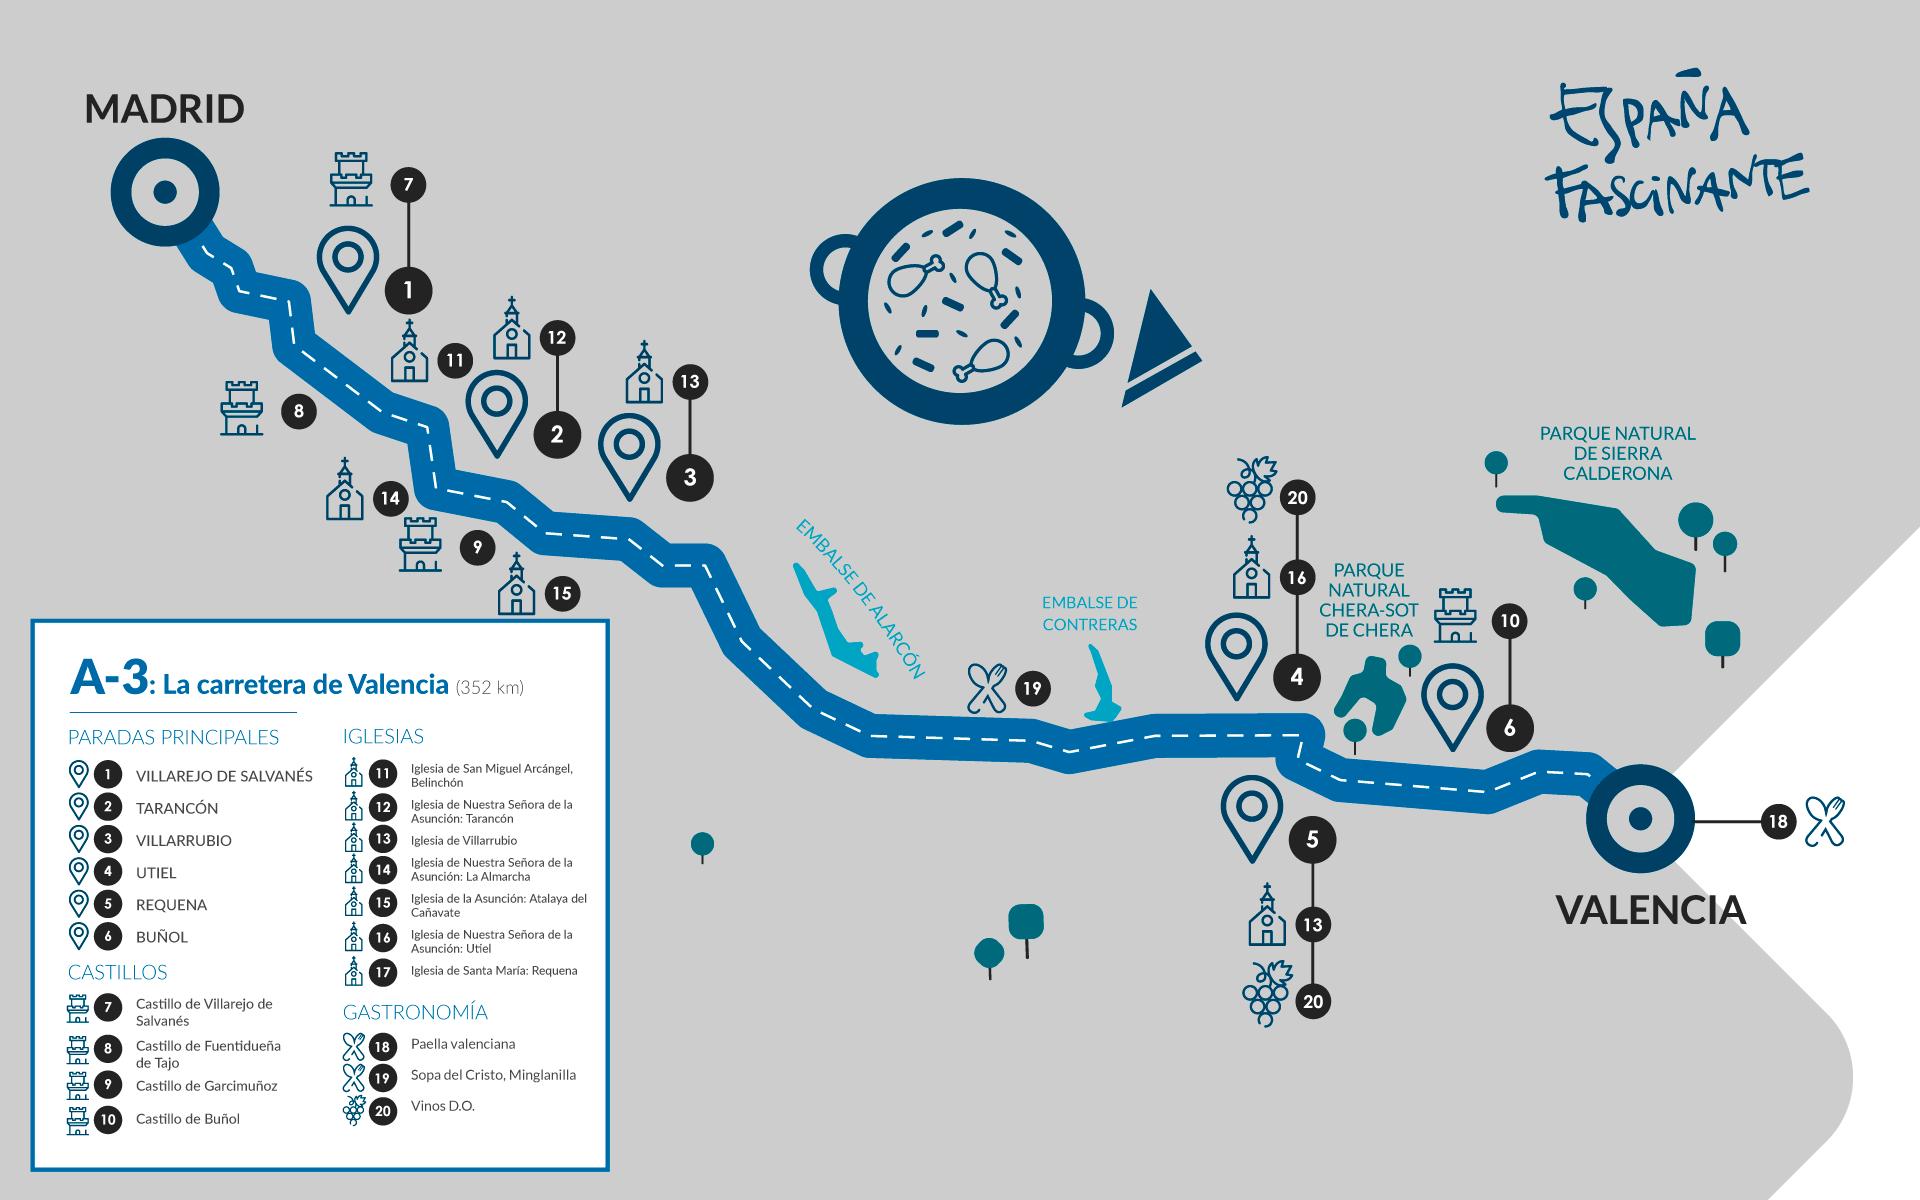 Mapa práctico sobre la carretera de Valencia